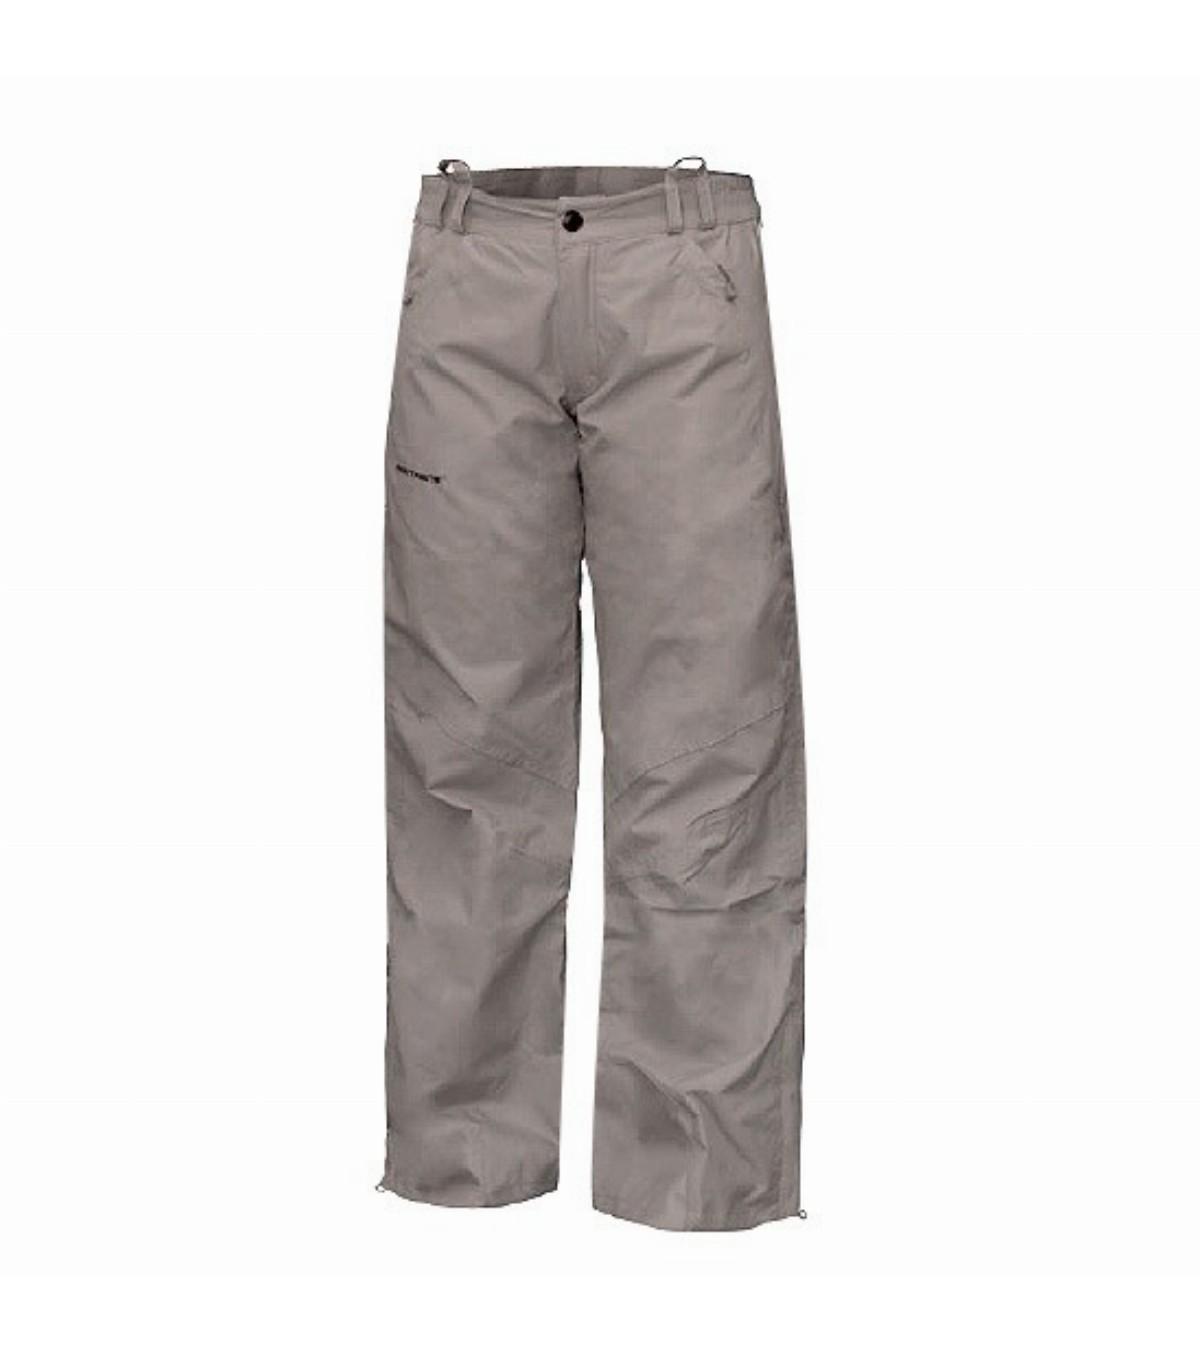 79ce2c94b0a Pantalon de niños Wolf t.